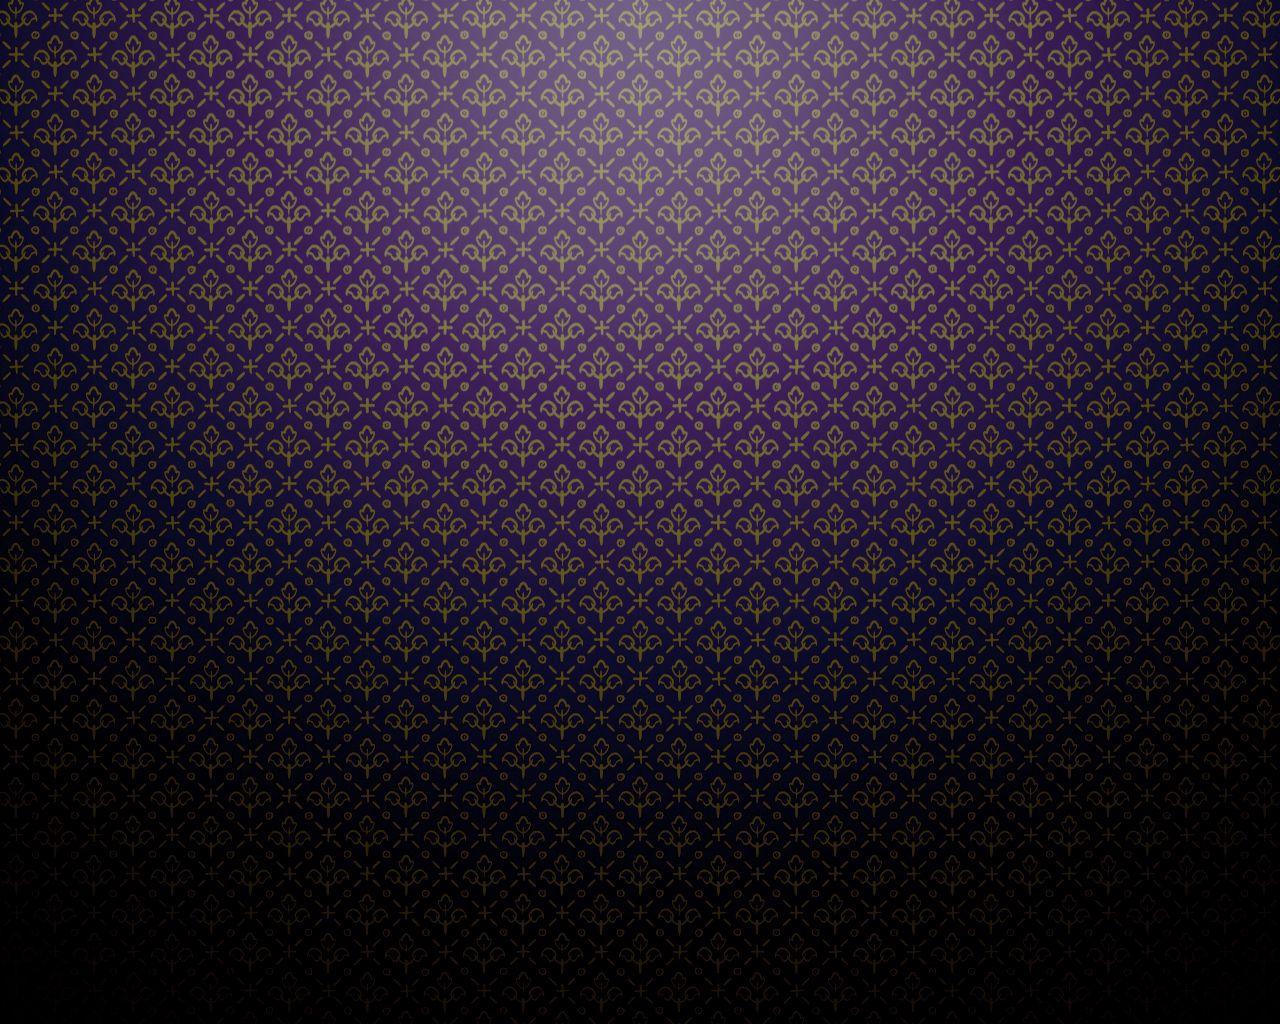 120979 обои 1080x2400 на телефон бесплатно, скачать картинки Текстуры, Фиолетовый, Узоры, Темный, Тень 1080x2400 на мобильный